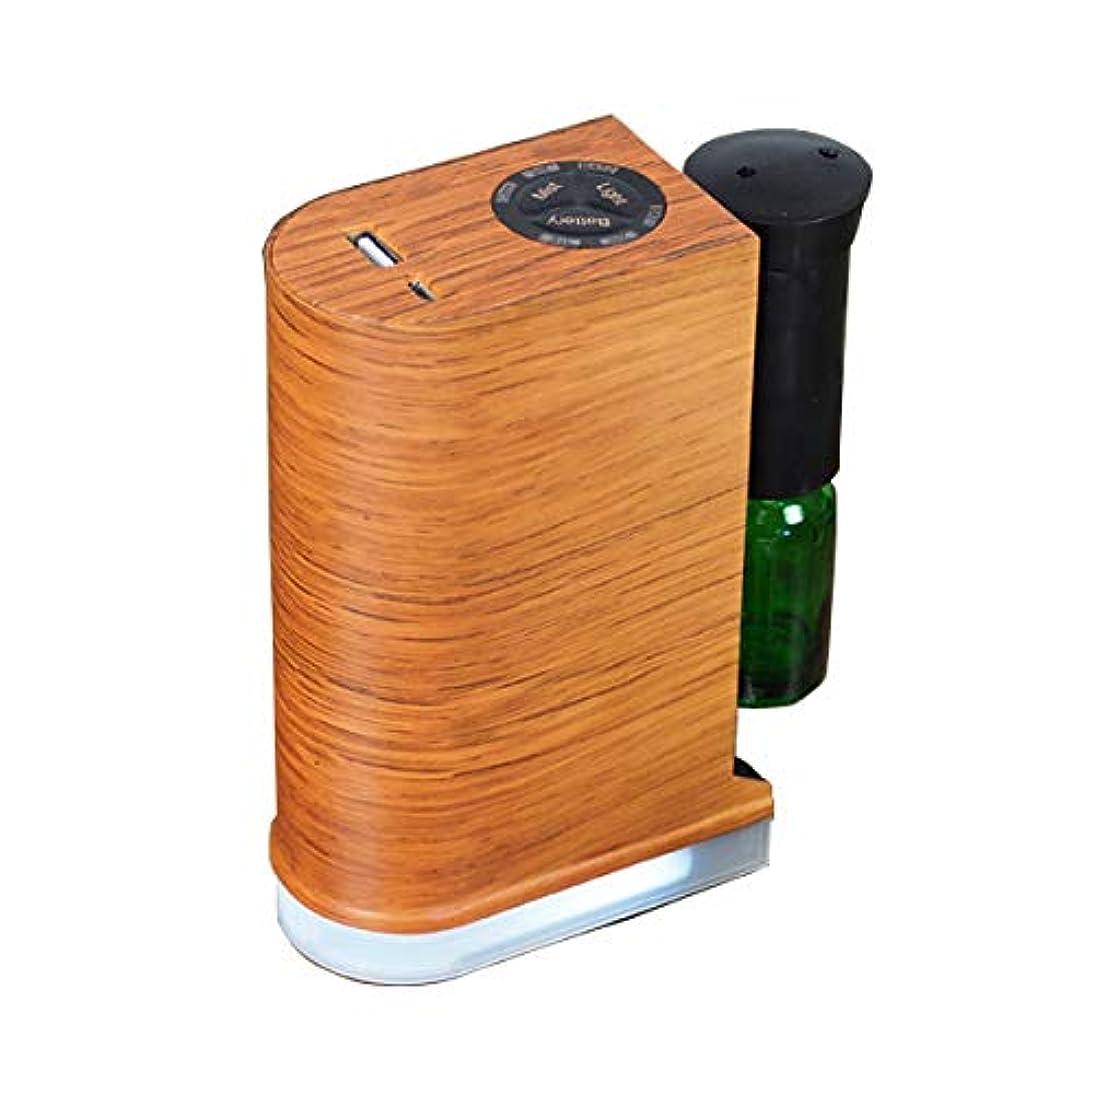 メモマウスピースはさみアロマデュフューザー 水を使わない ネブライザー式アロマディフューザー LED搭載 アロマオイル 精油 アロマ芳香 (ブラウン)